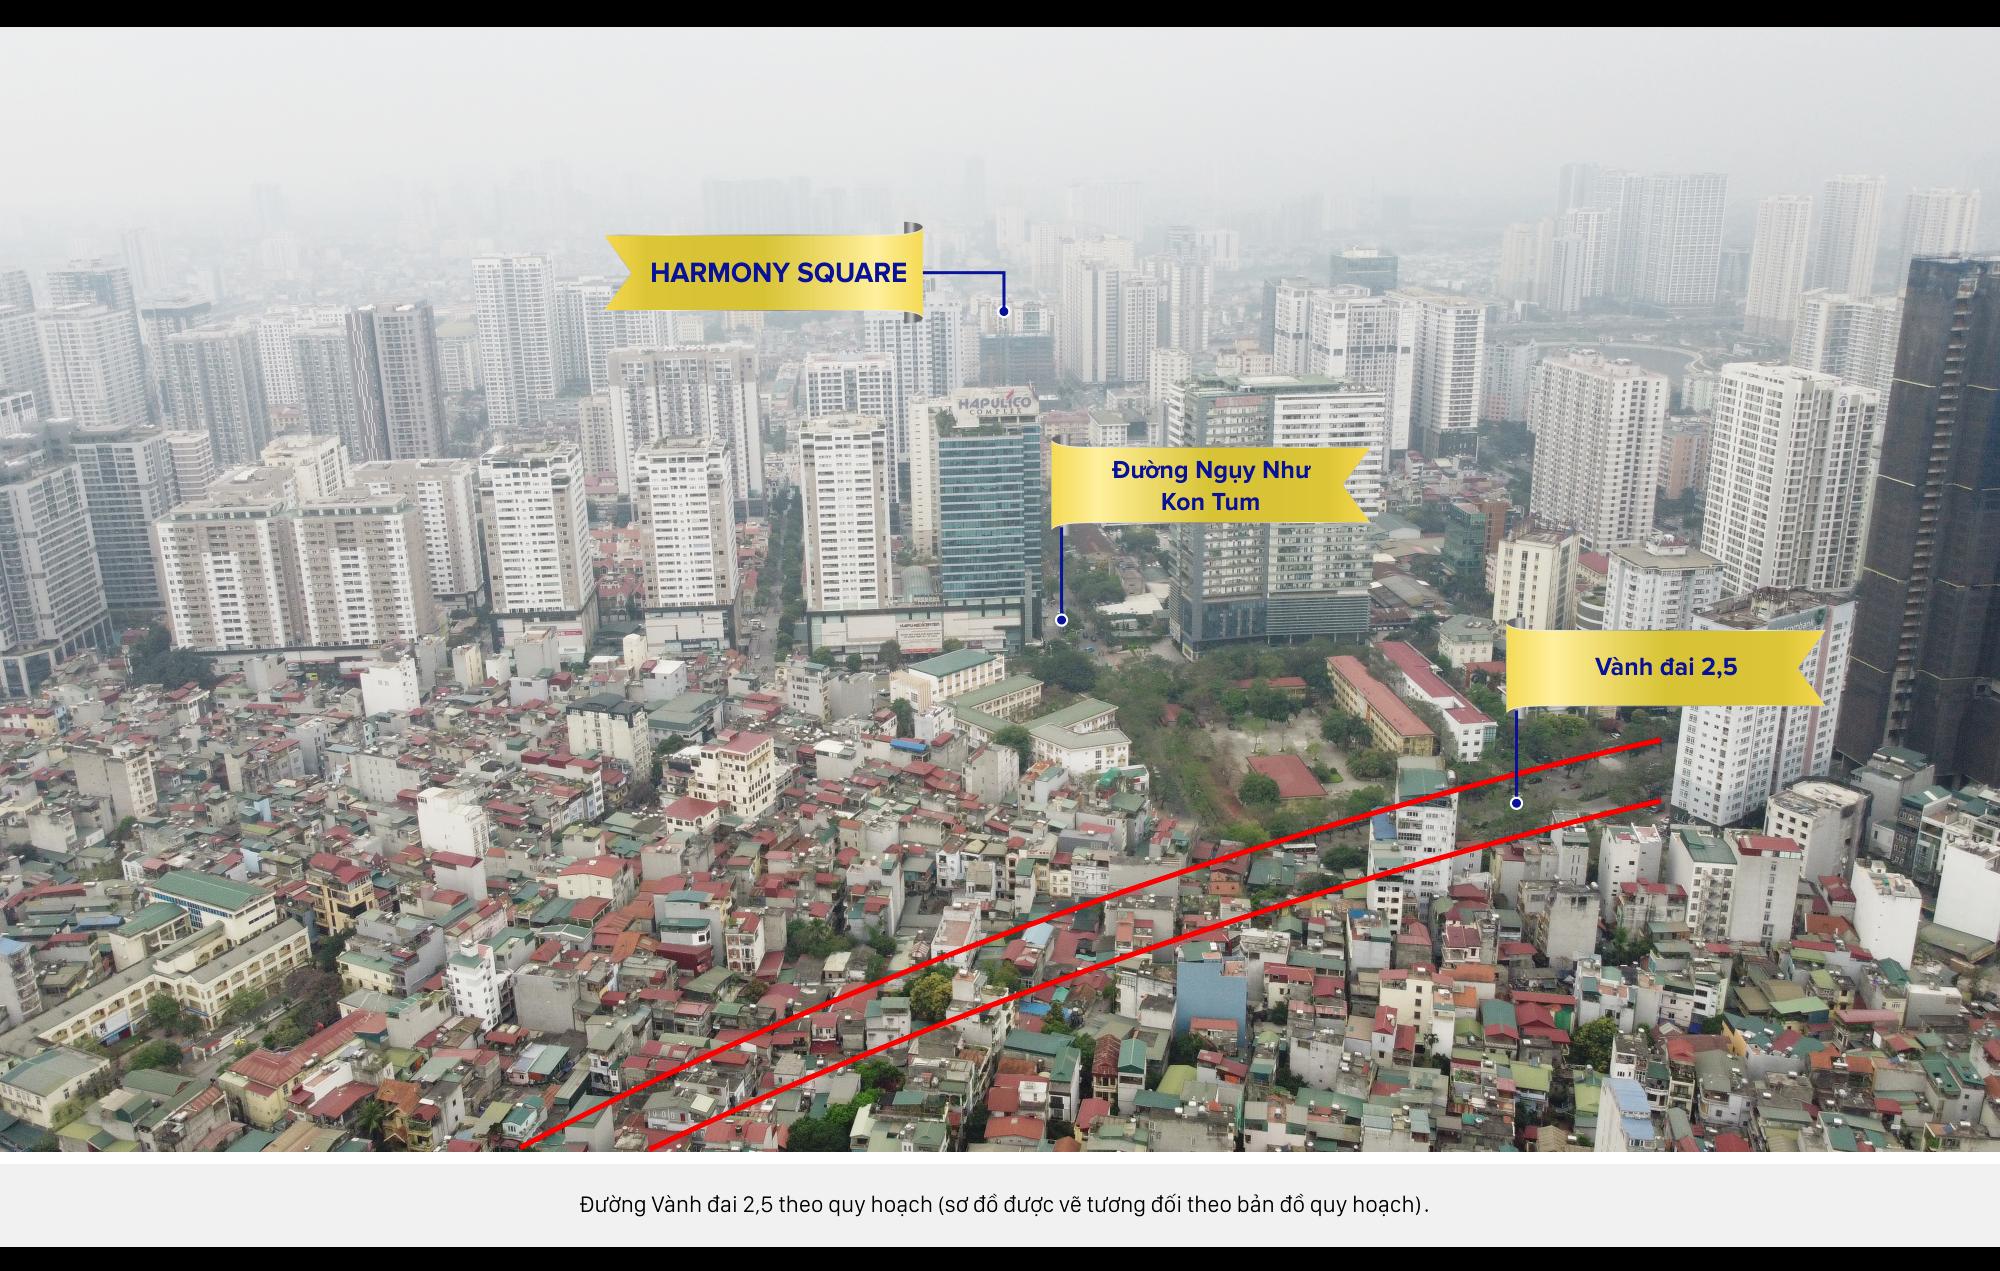 Review dự án Harmony Square đang mở bán: Có ưu điểm gì giữa khu vực dày đặc nhà cao tầng? - Ảnh 12.